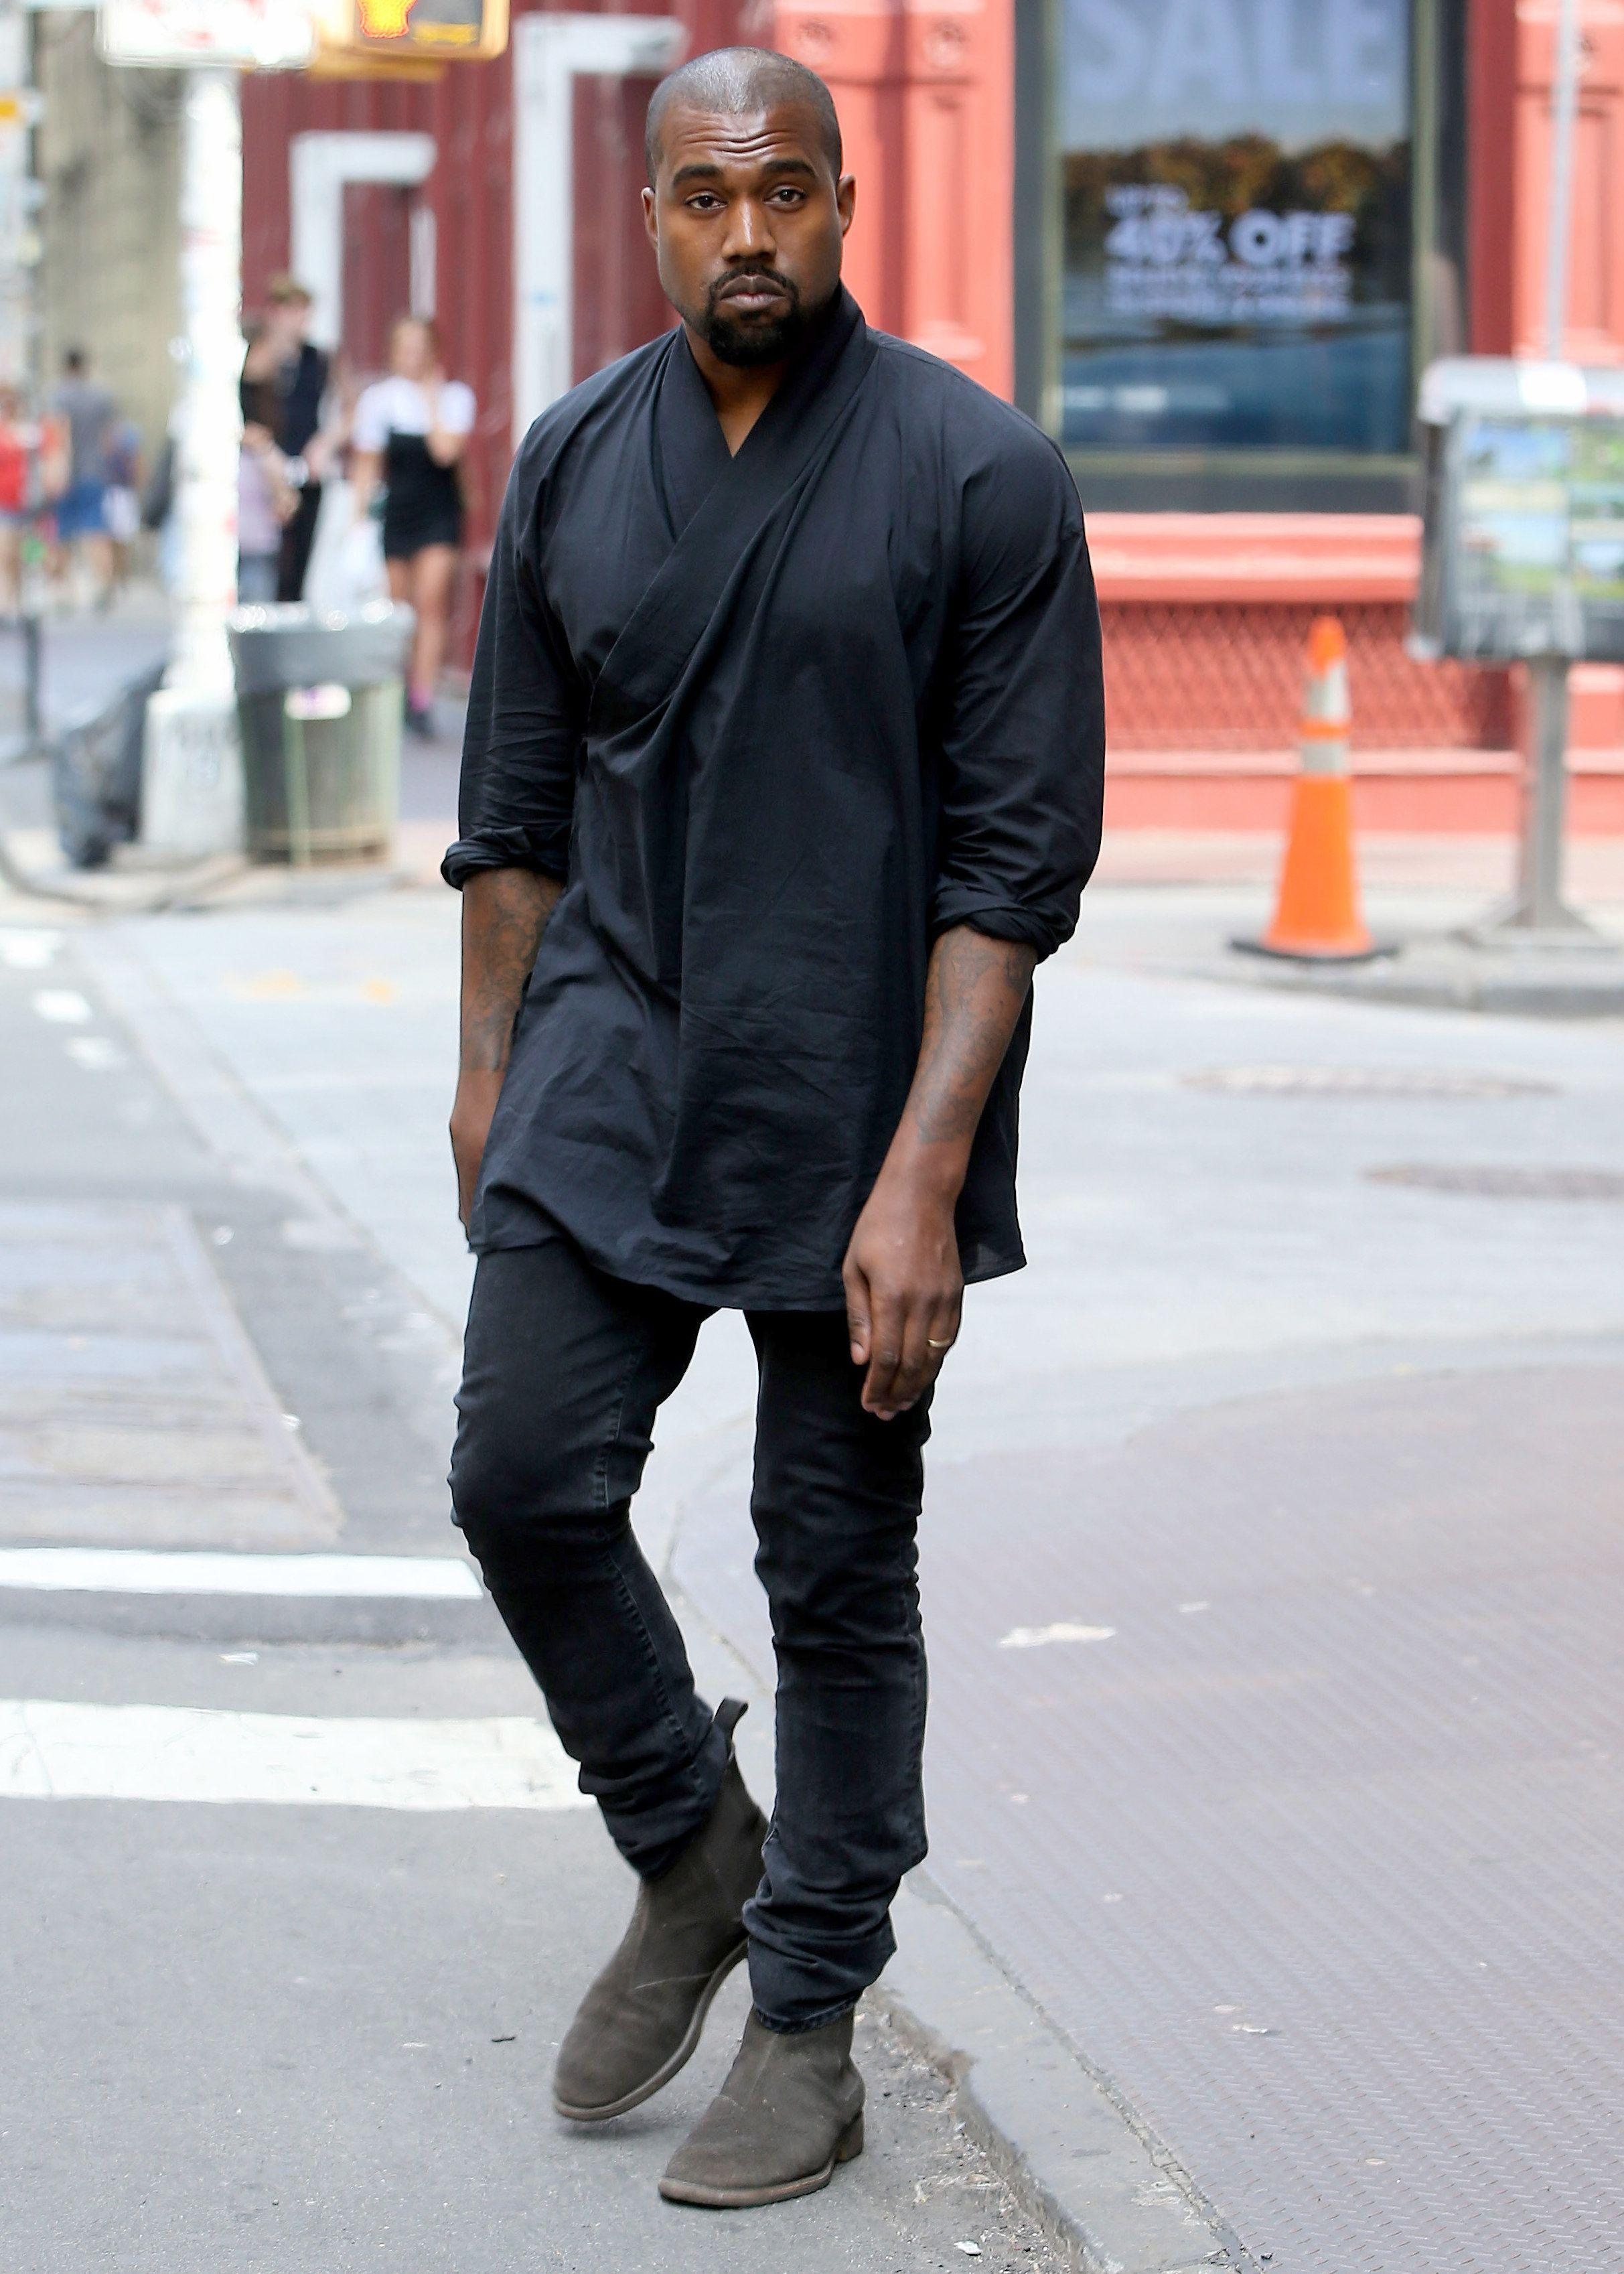 Kanye West Style 2015 06 11 15 Jpg 2425 3395 Kanye West Style Kanye West Outfits Kanye Fashion